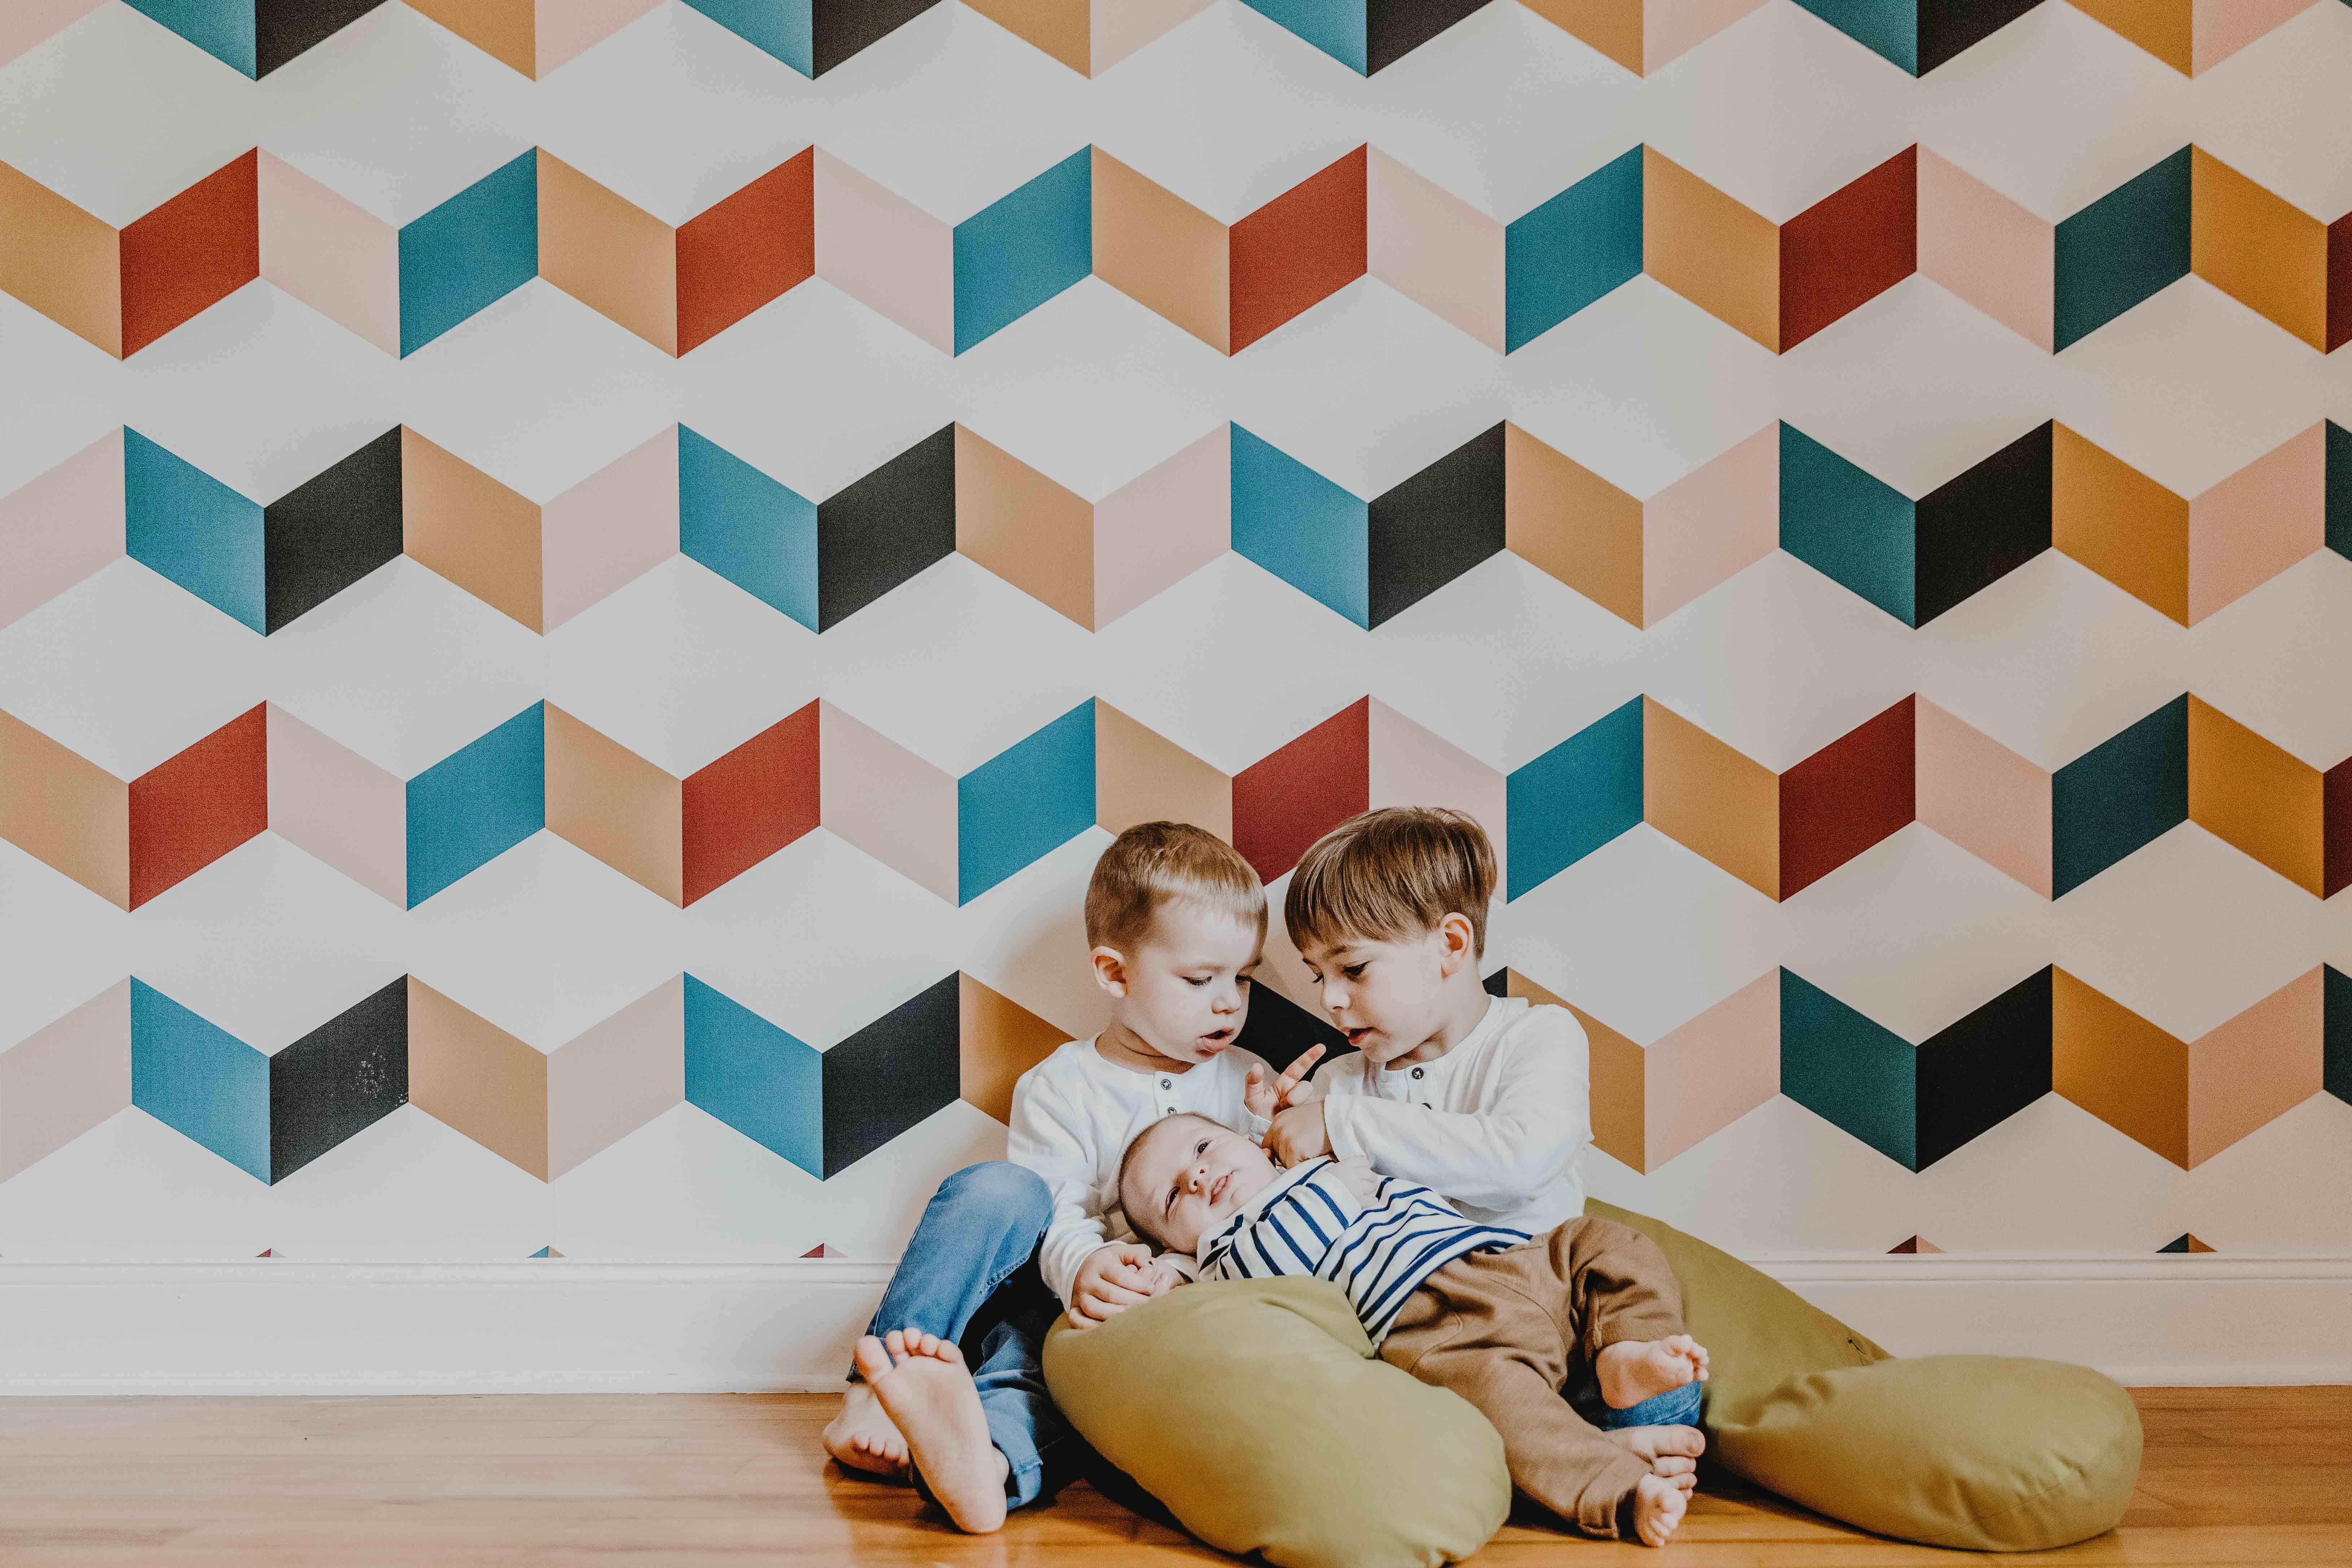 séance photo famille lifestyle à domicile. les enfants sont assis par terre contre un mur à tapisserie graphique et colorée. les grands frère tiennent bébé dans leurs bras et le regardent